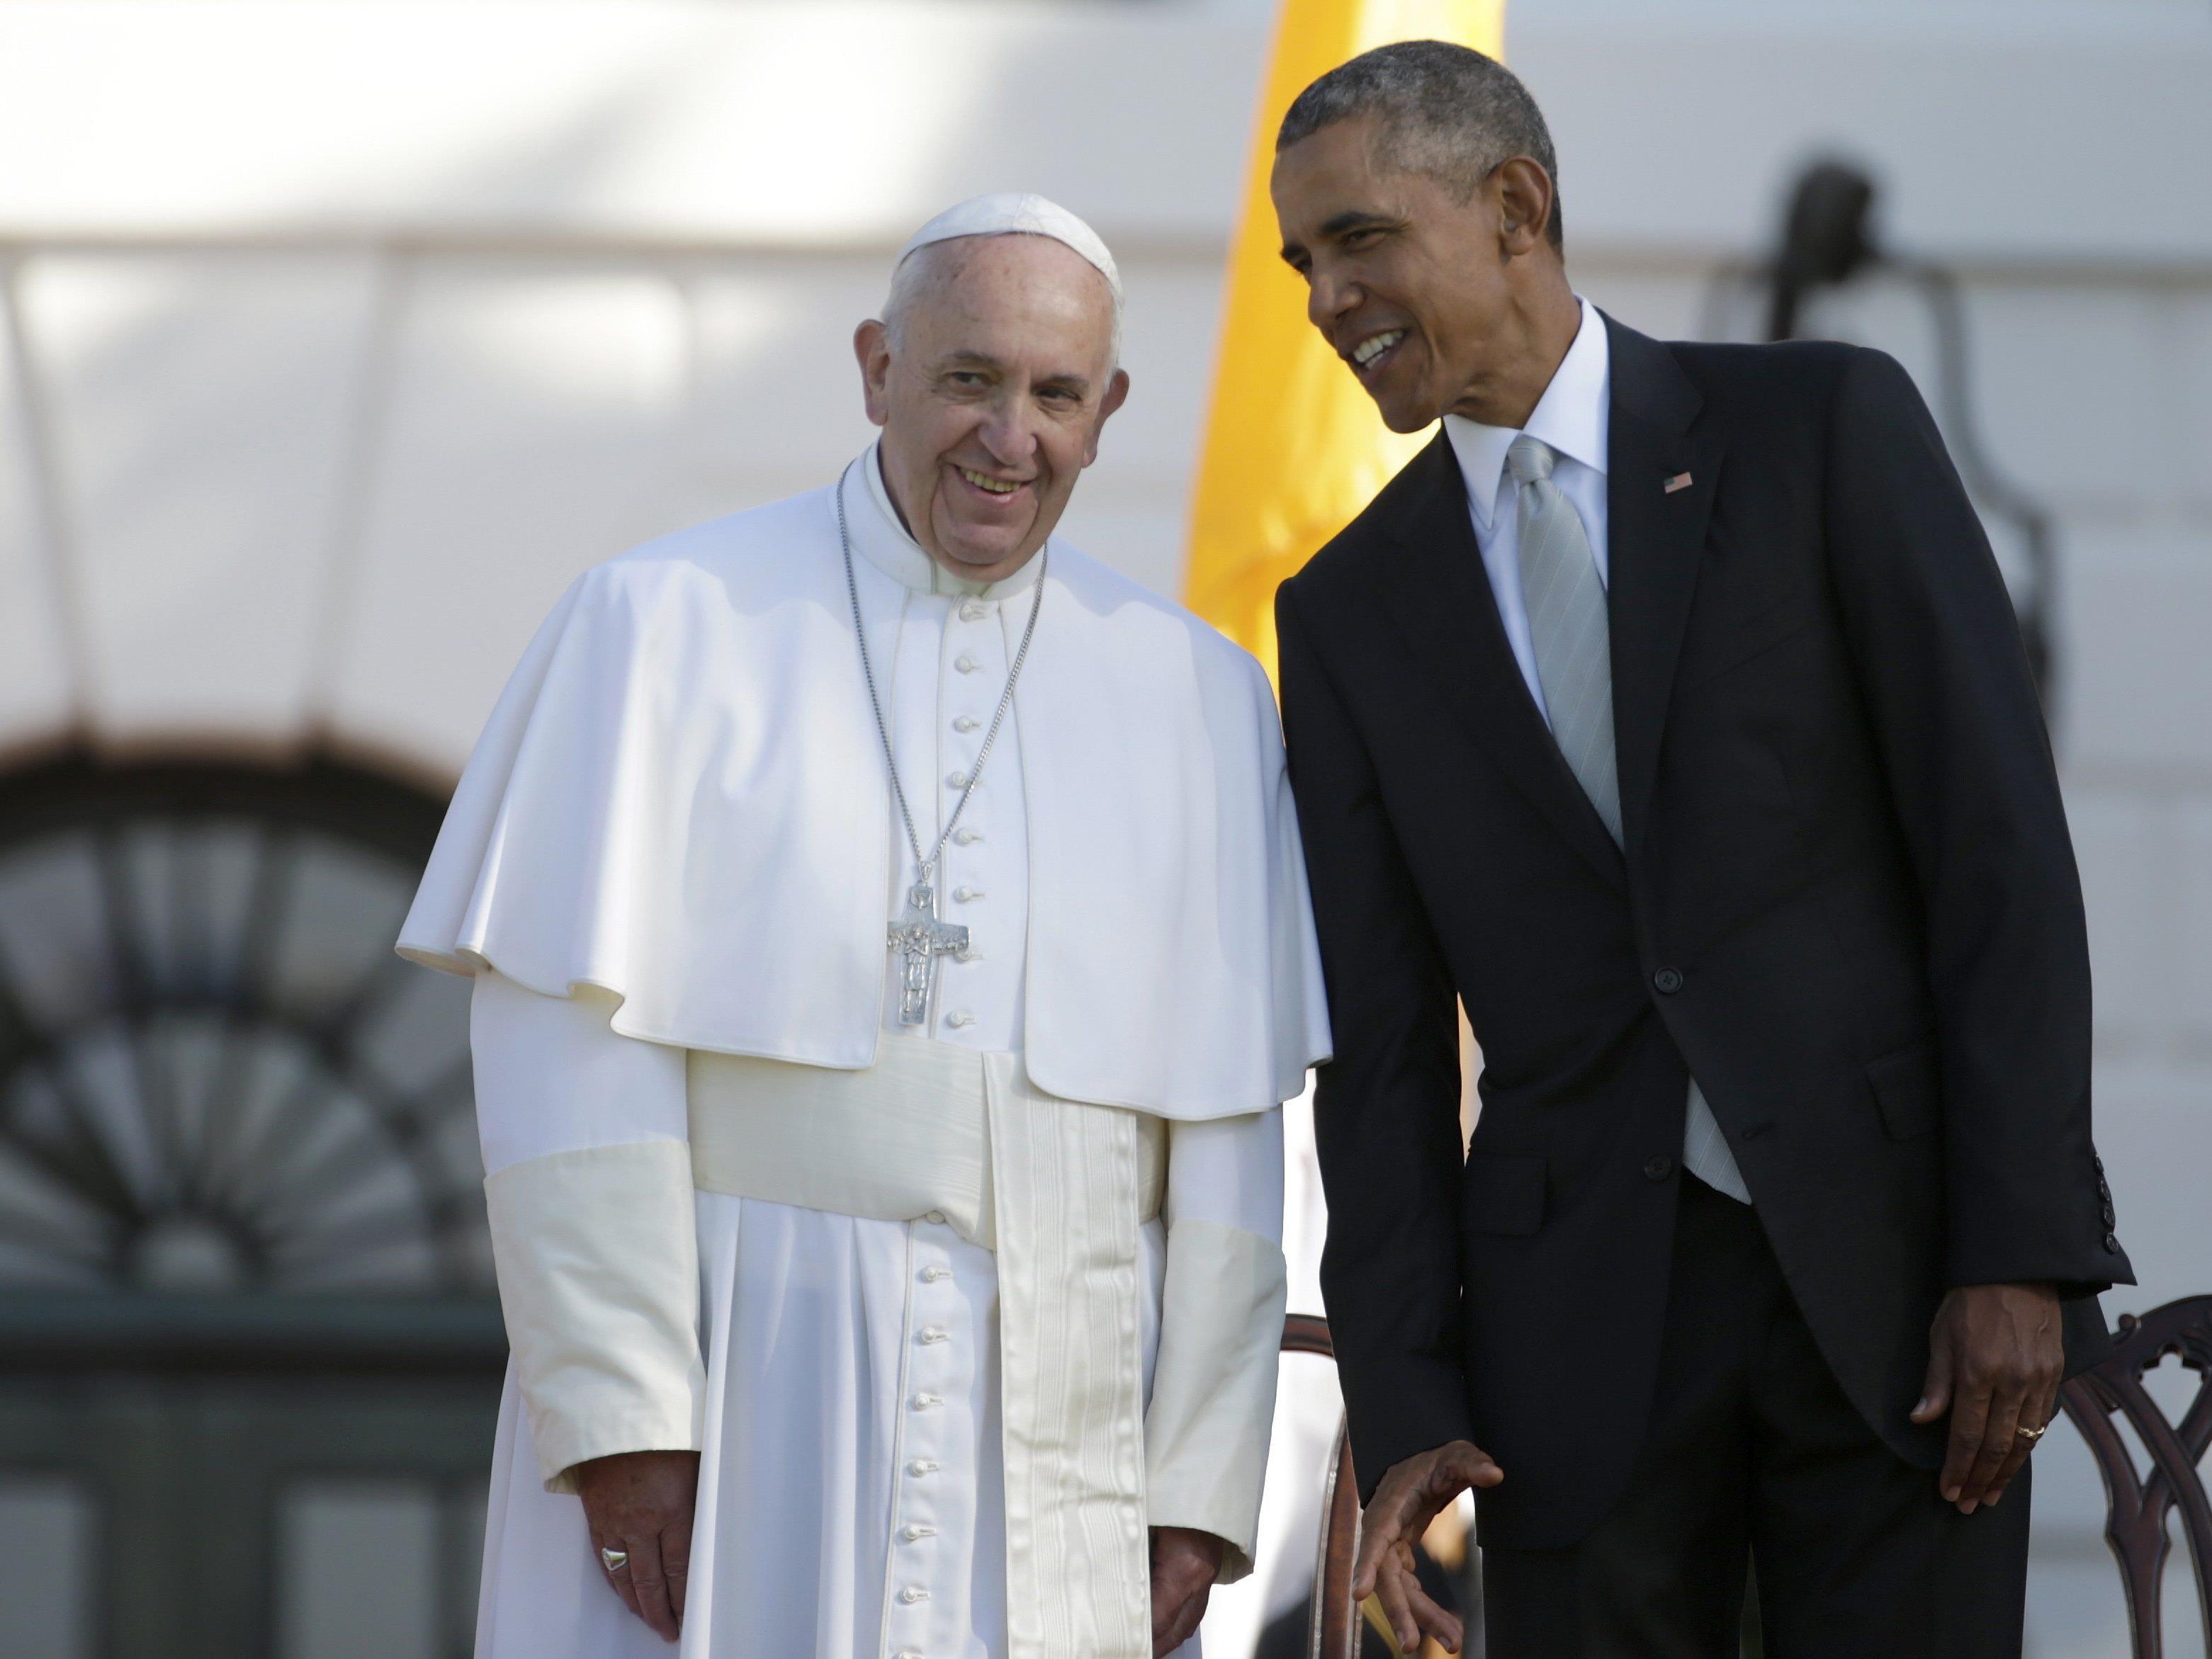 Papst Franziskus wurde am Mitwoch offiziell im weißen Haus empfangen